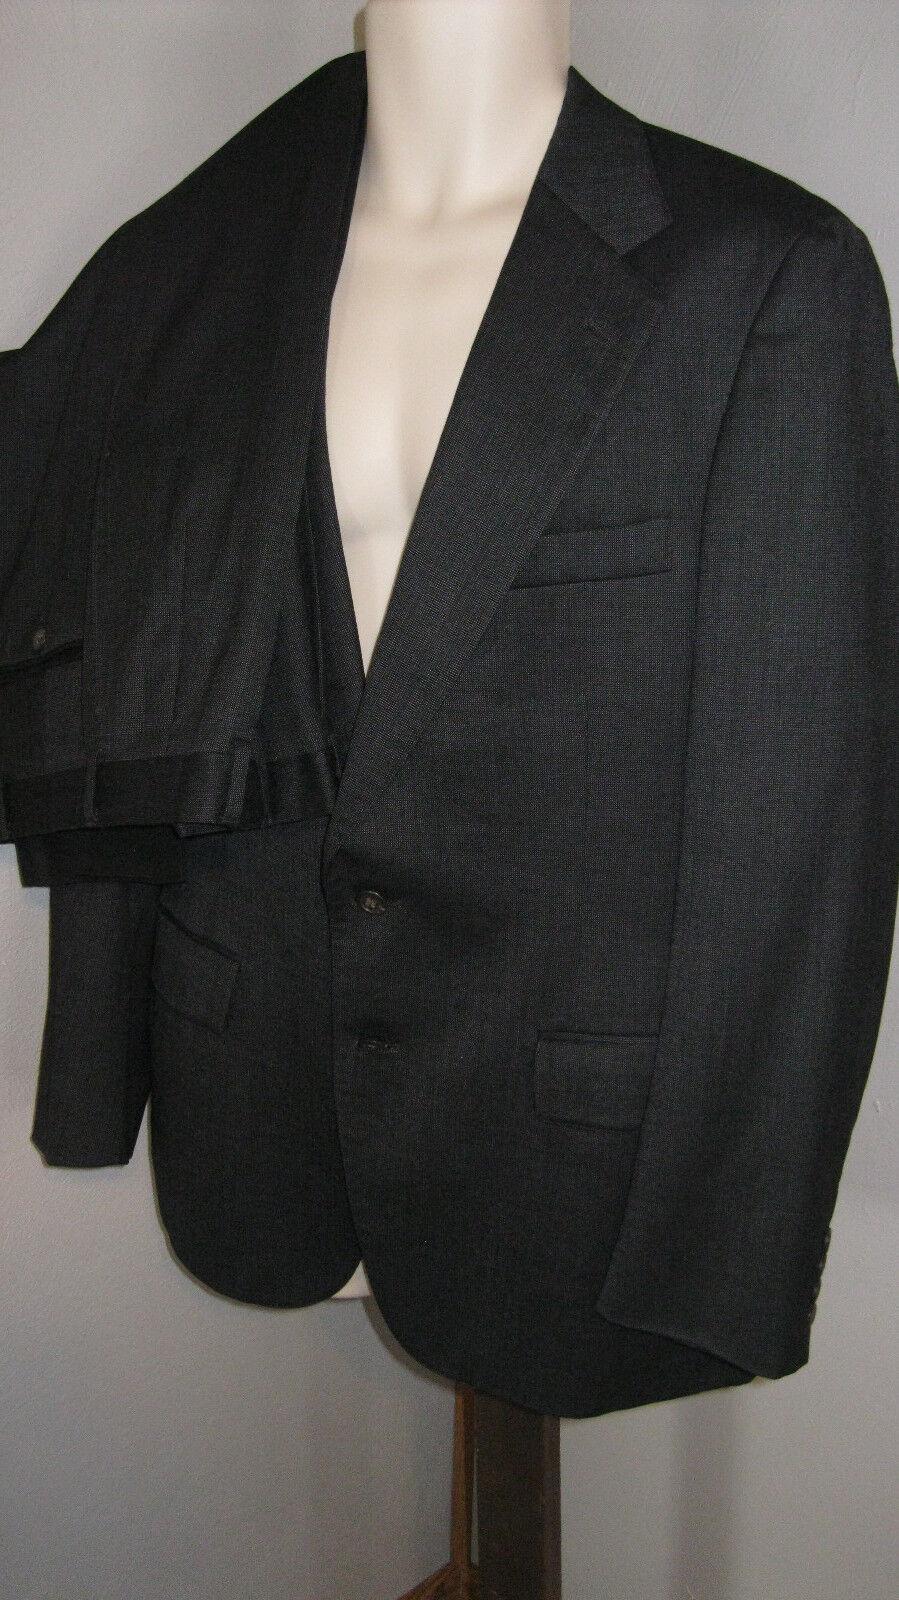 RALPH LAUREN POLO UNIVERSITY CLUB 2 button Suit 38R  PANTS 31 X 32( PLEATED)